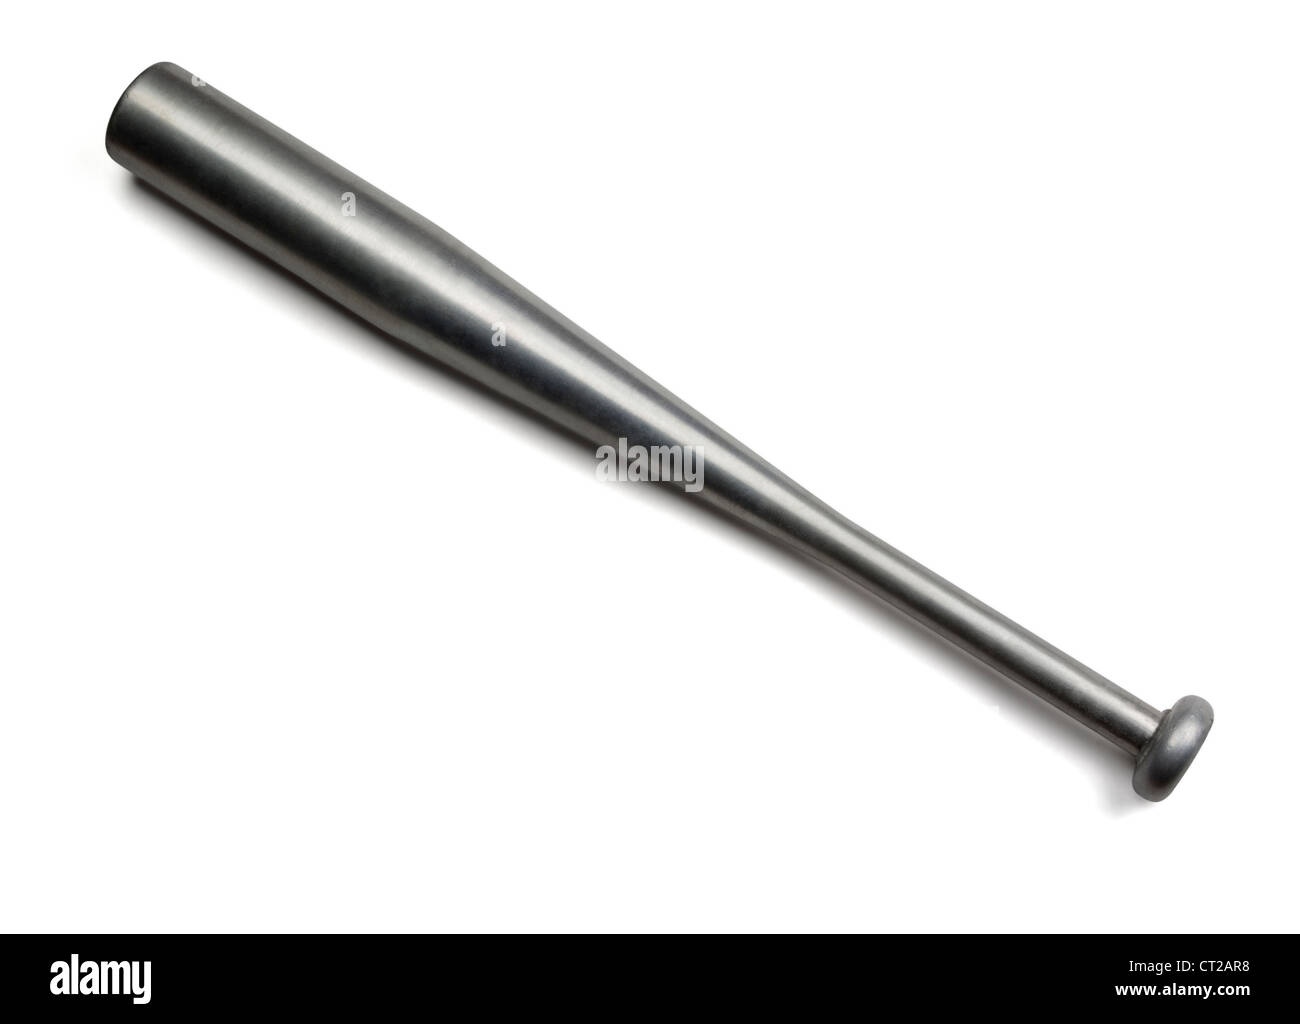 Aluminum baseball bat isolated on white - Stock Image